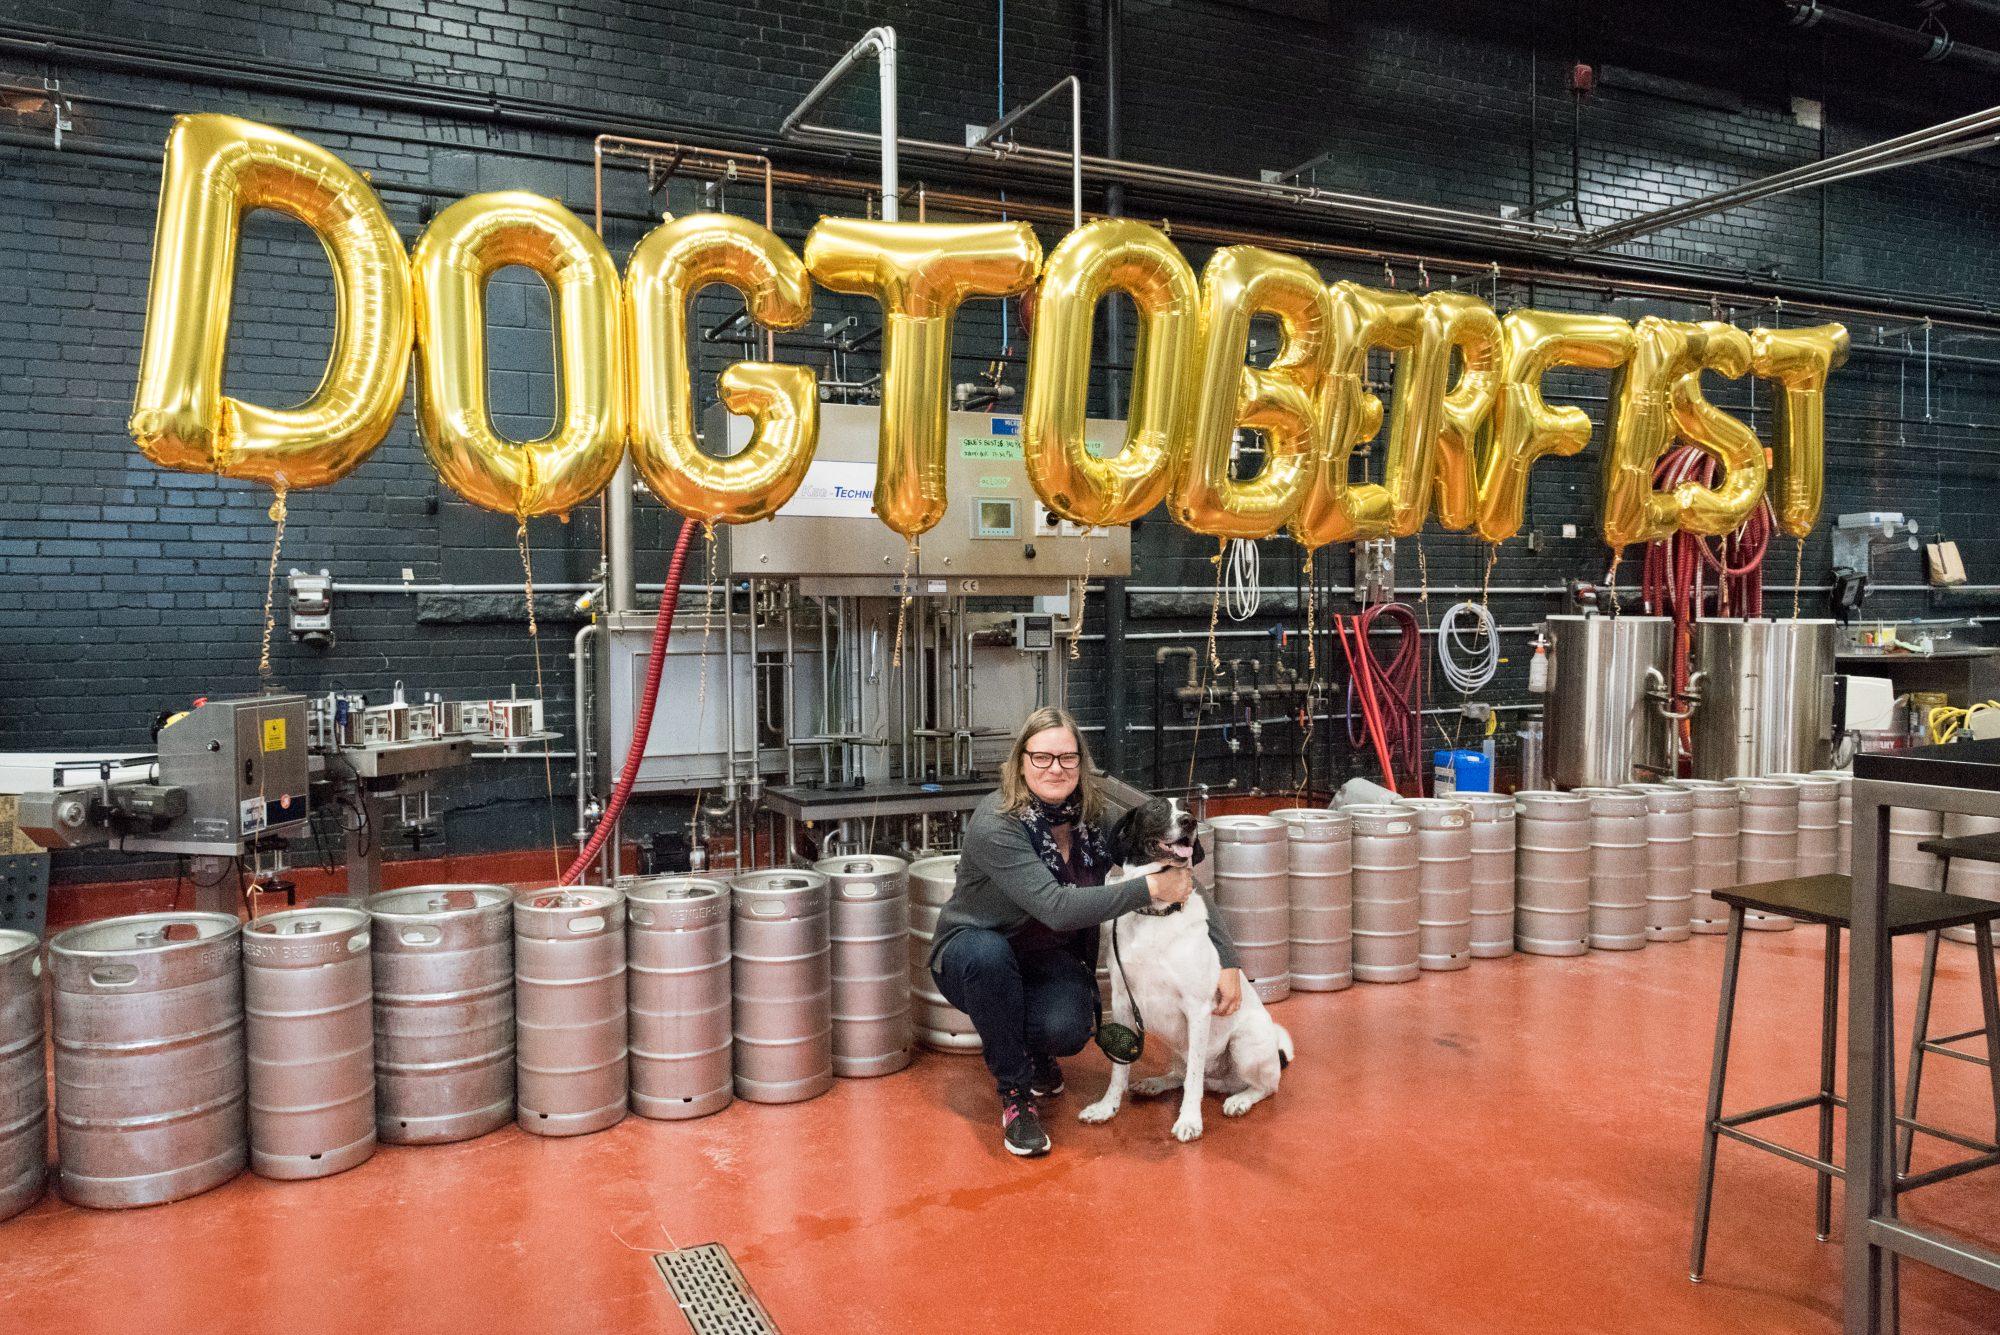 toronto-breweries-dogtoberfest-streeters-henderson-brewing-co-beer-dogs-bradley